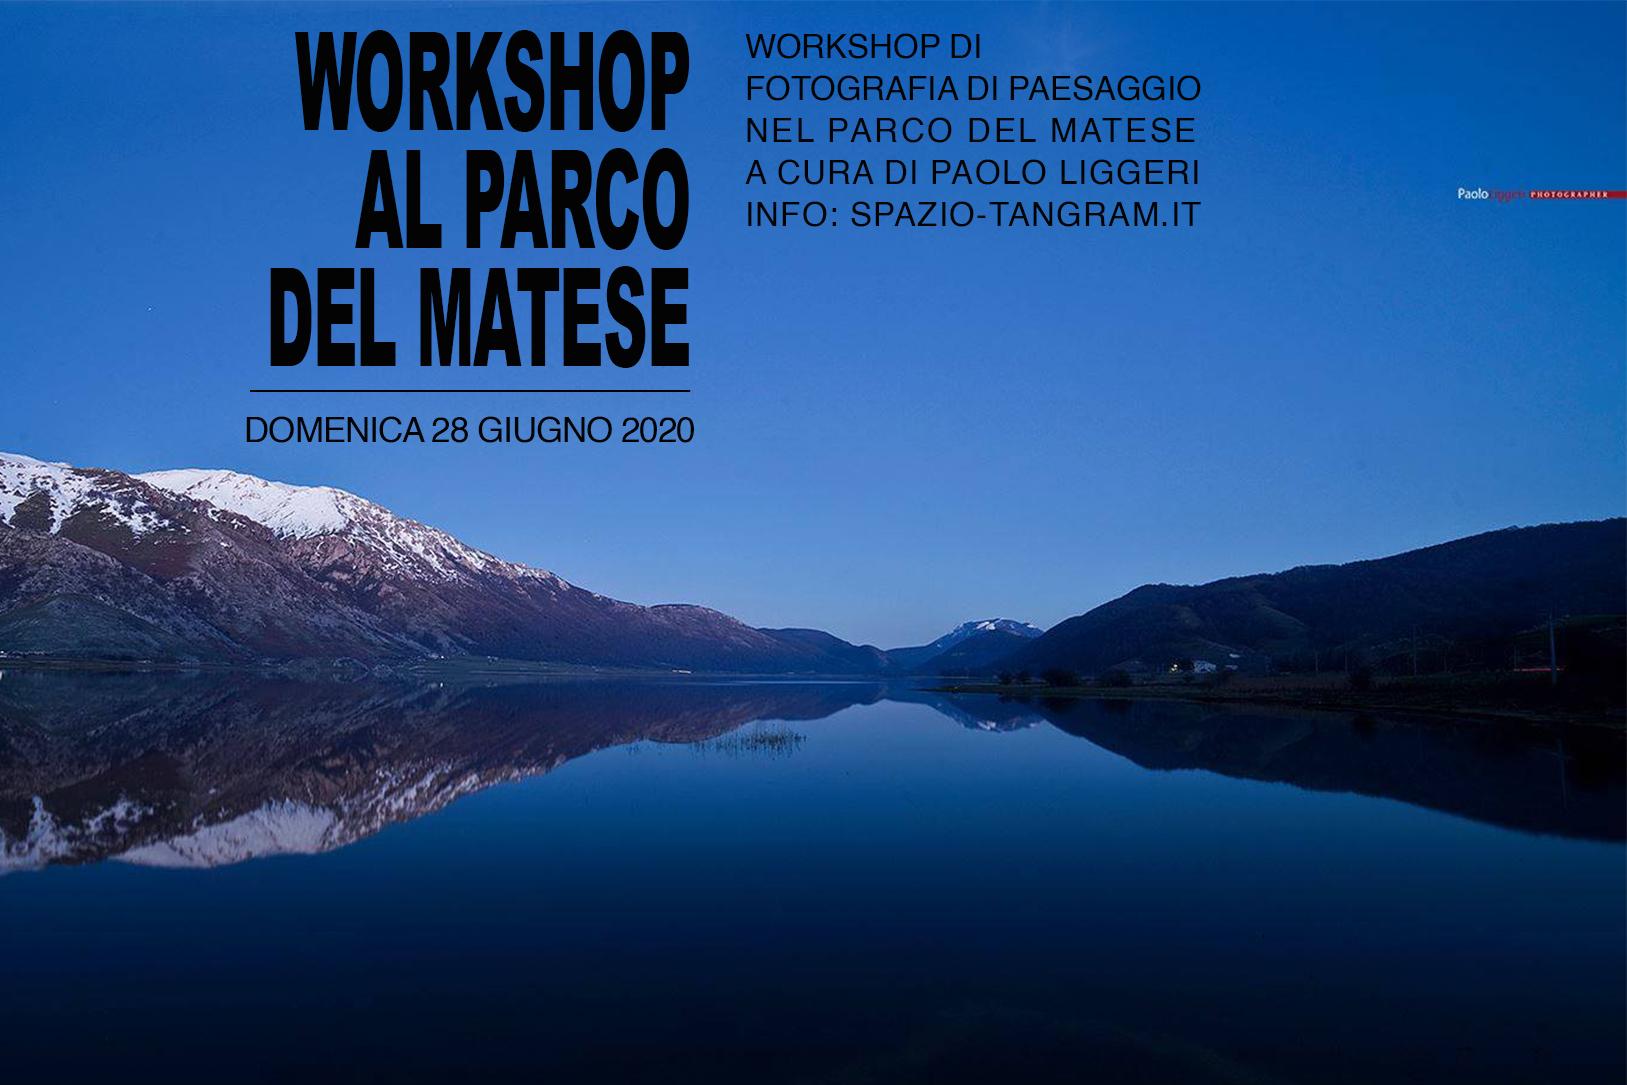 Workshop di fotografia di paesaggio nel Parco del Matese con Paolo Liggeri